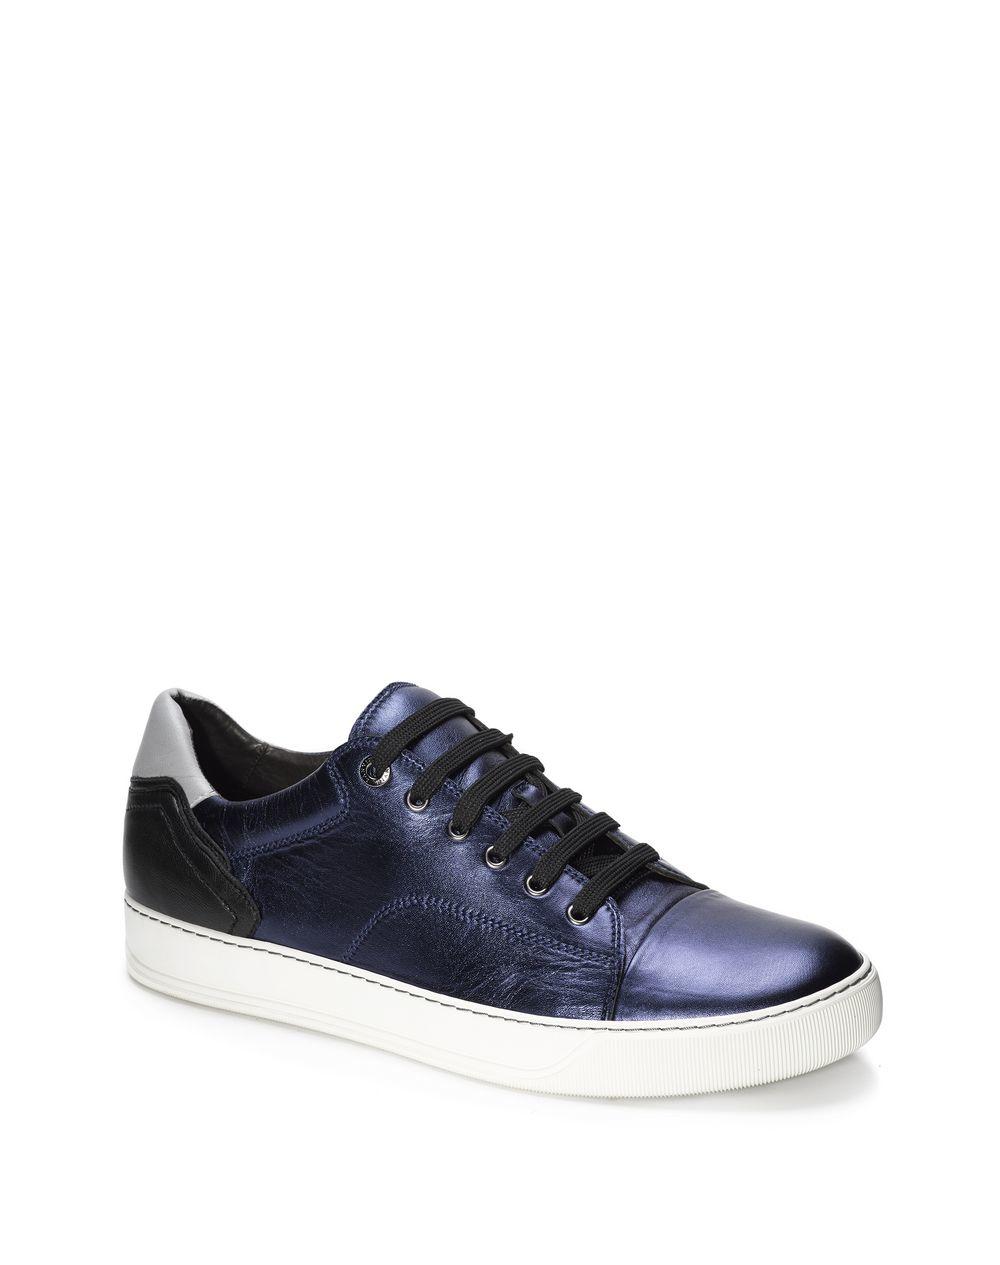 Lanvin Sneakers Métalliques - Bleu eSNDeJvZ8